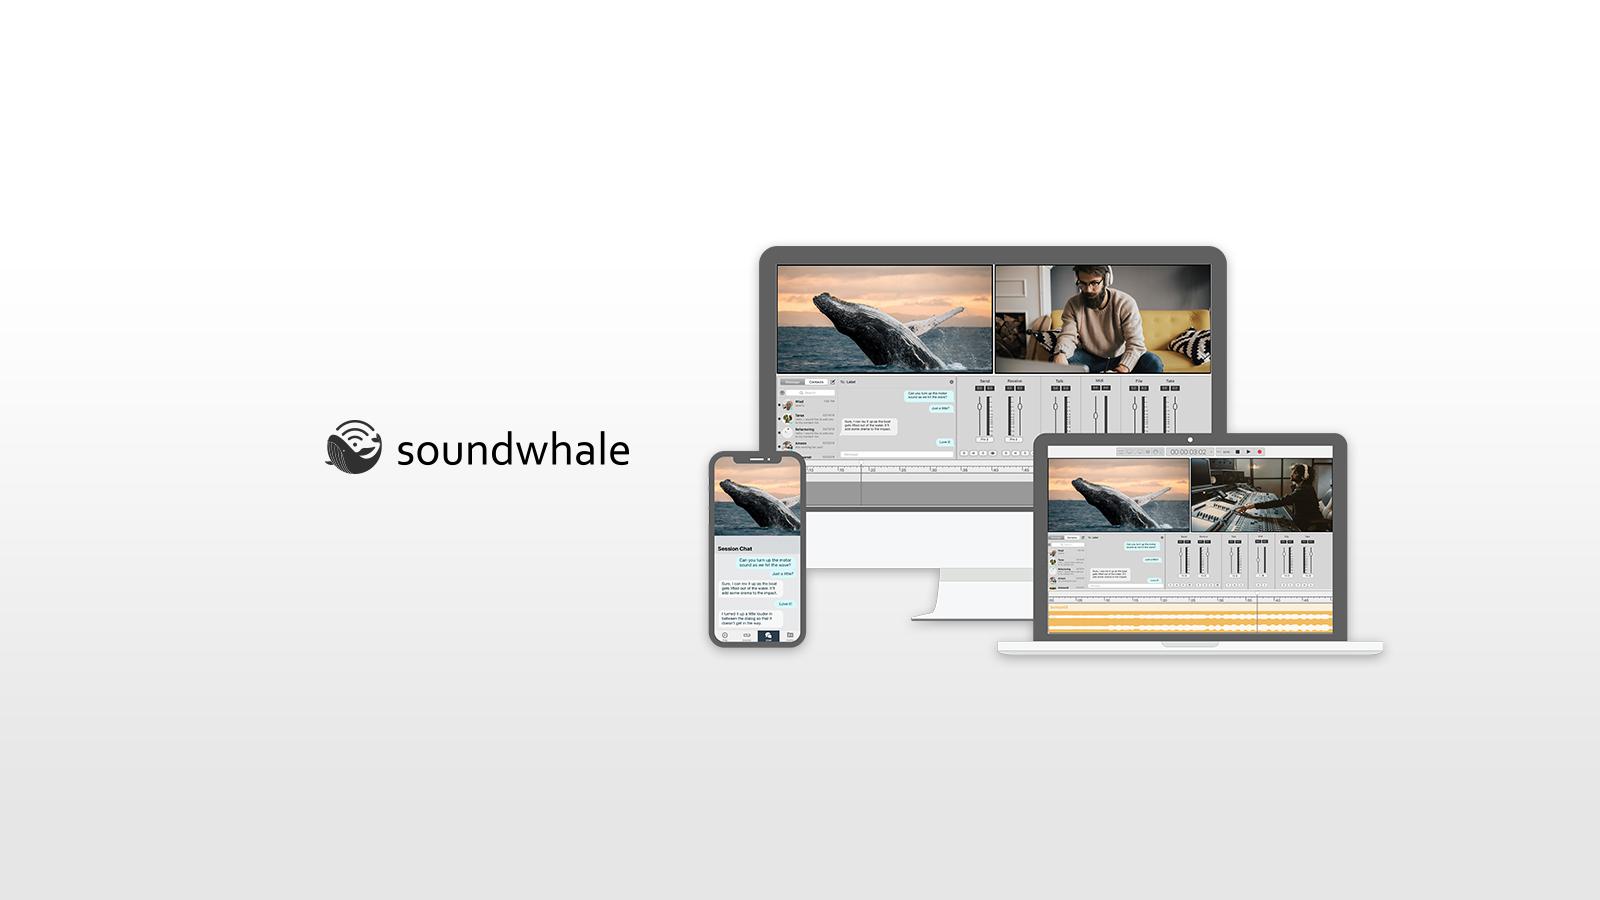 Soundwhale – リモートからでもネットワークでリアルタイムにレコーディング・セッション